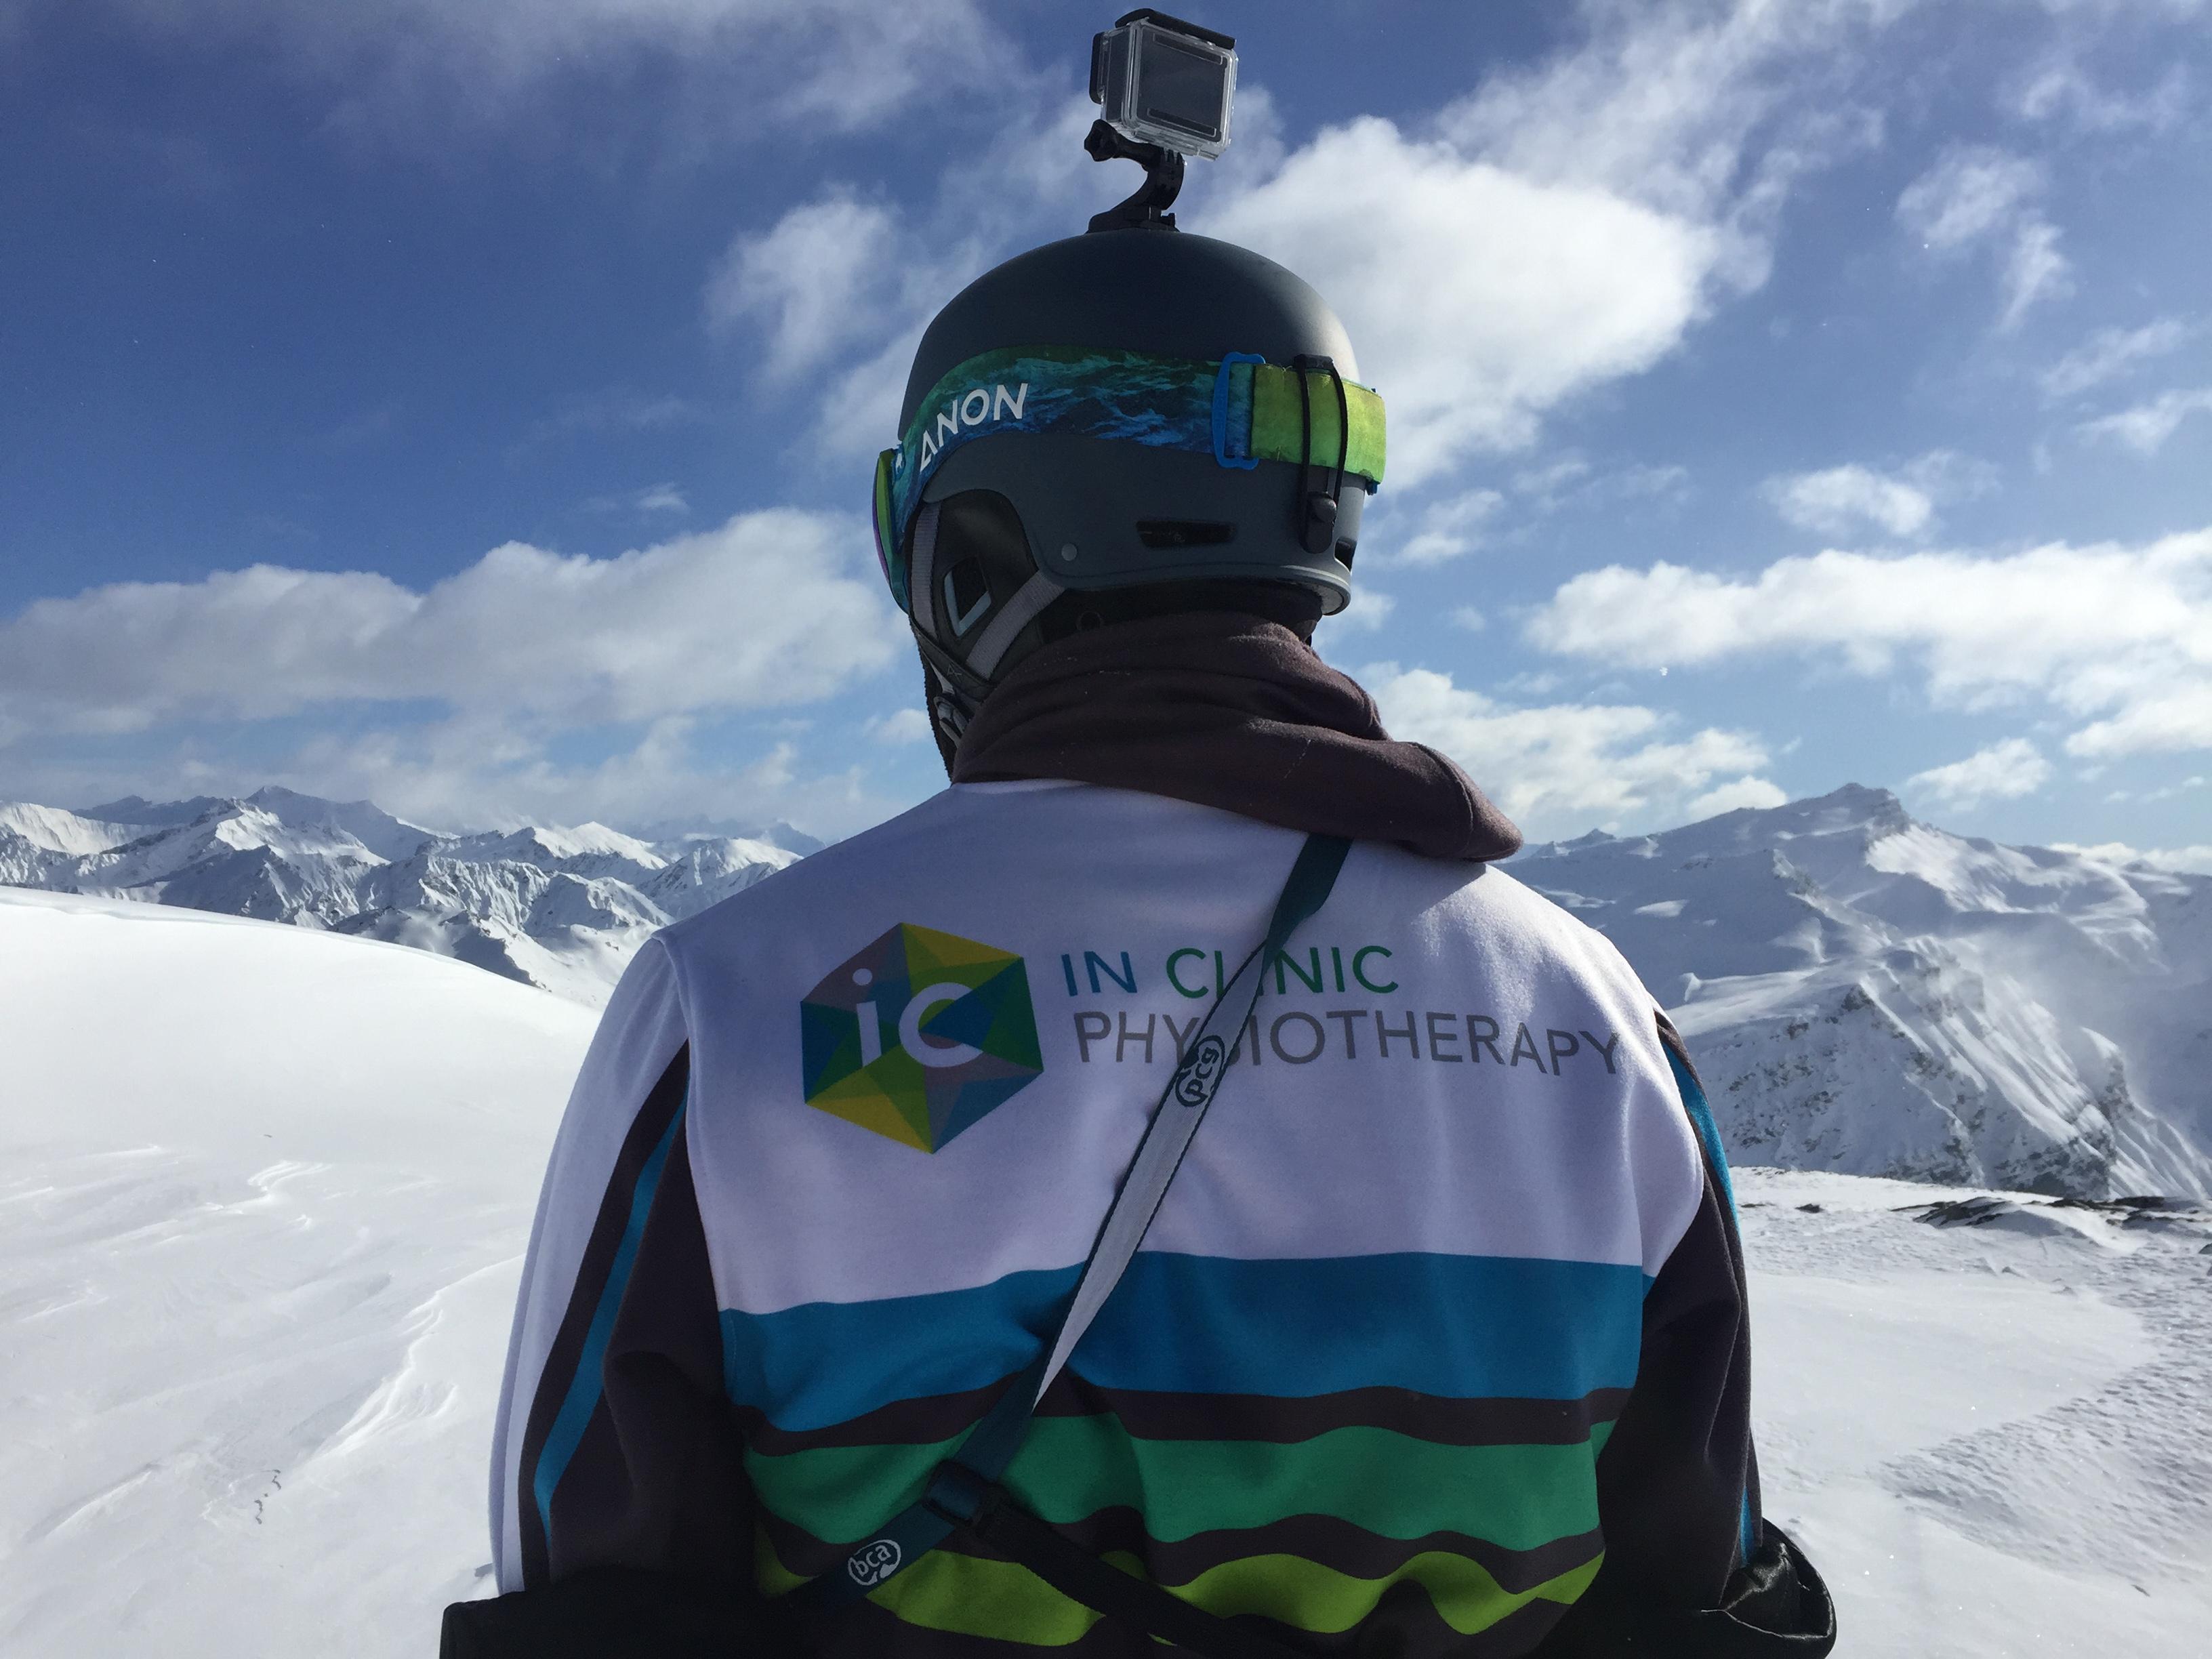 Specialist Ski & Snow Sports